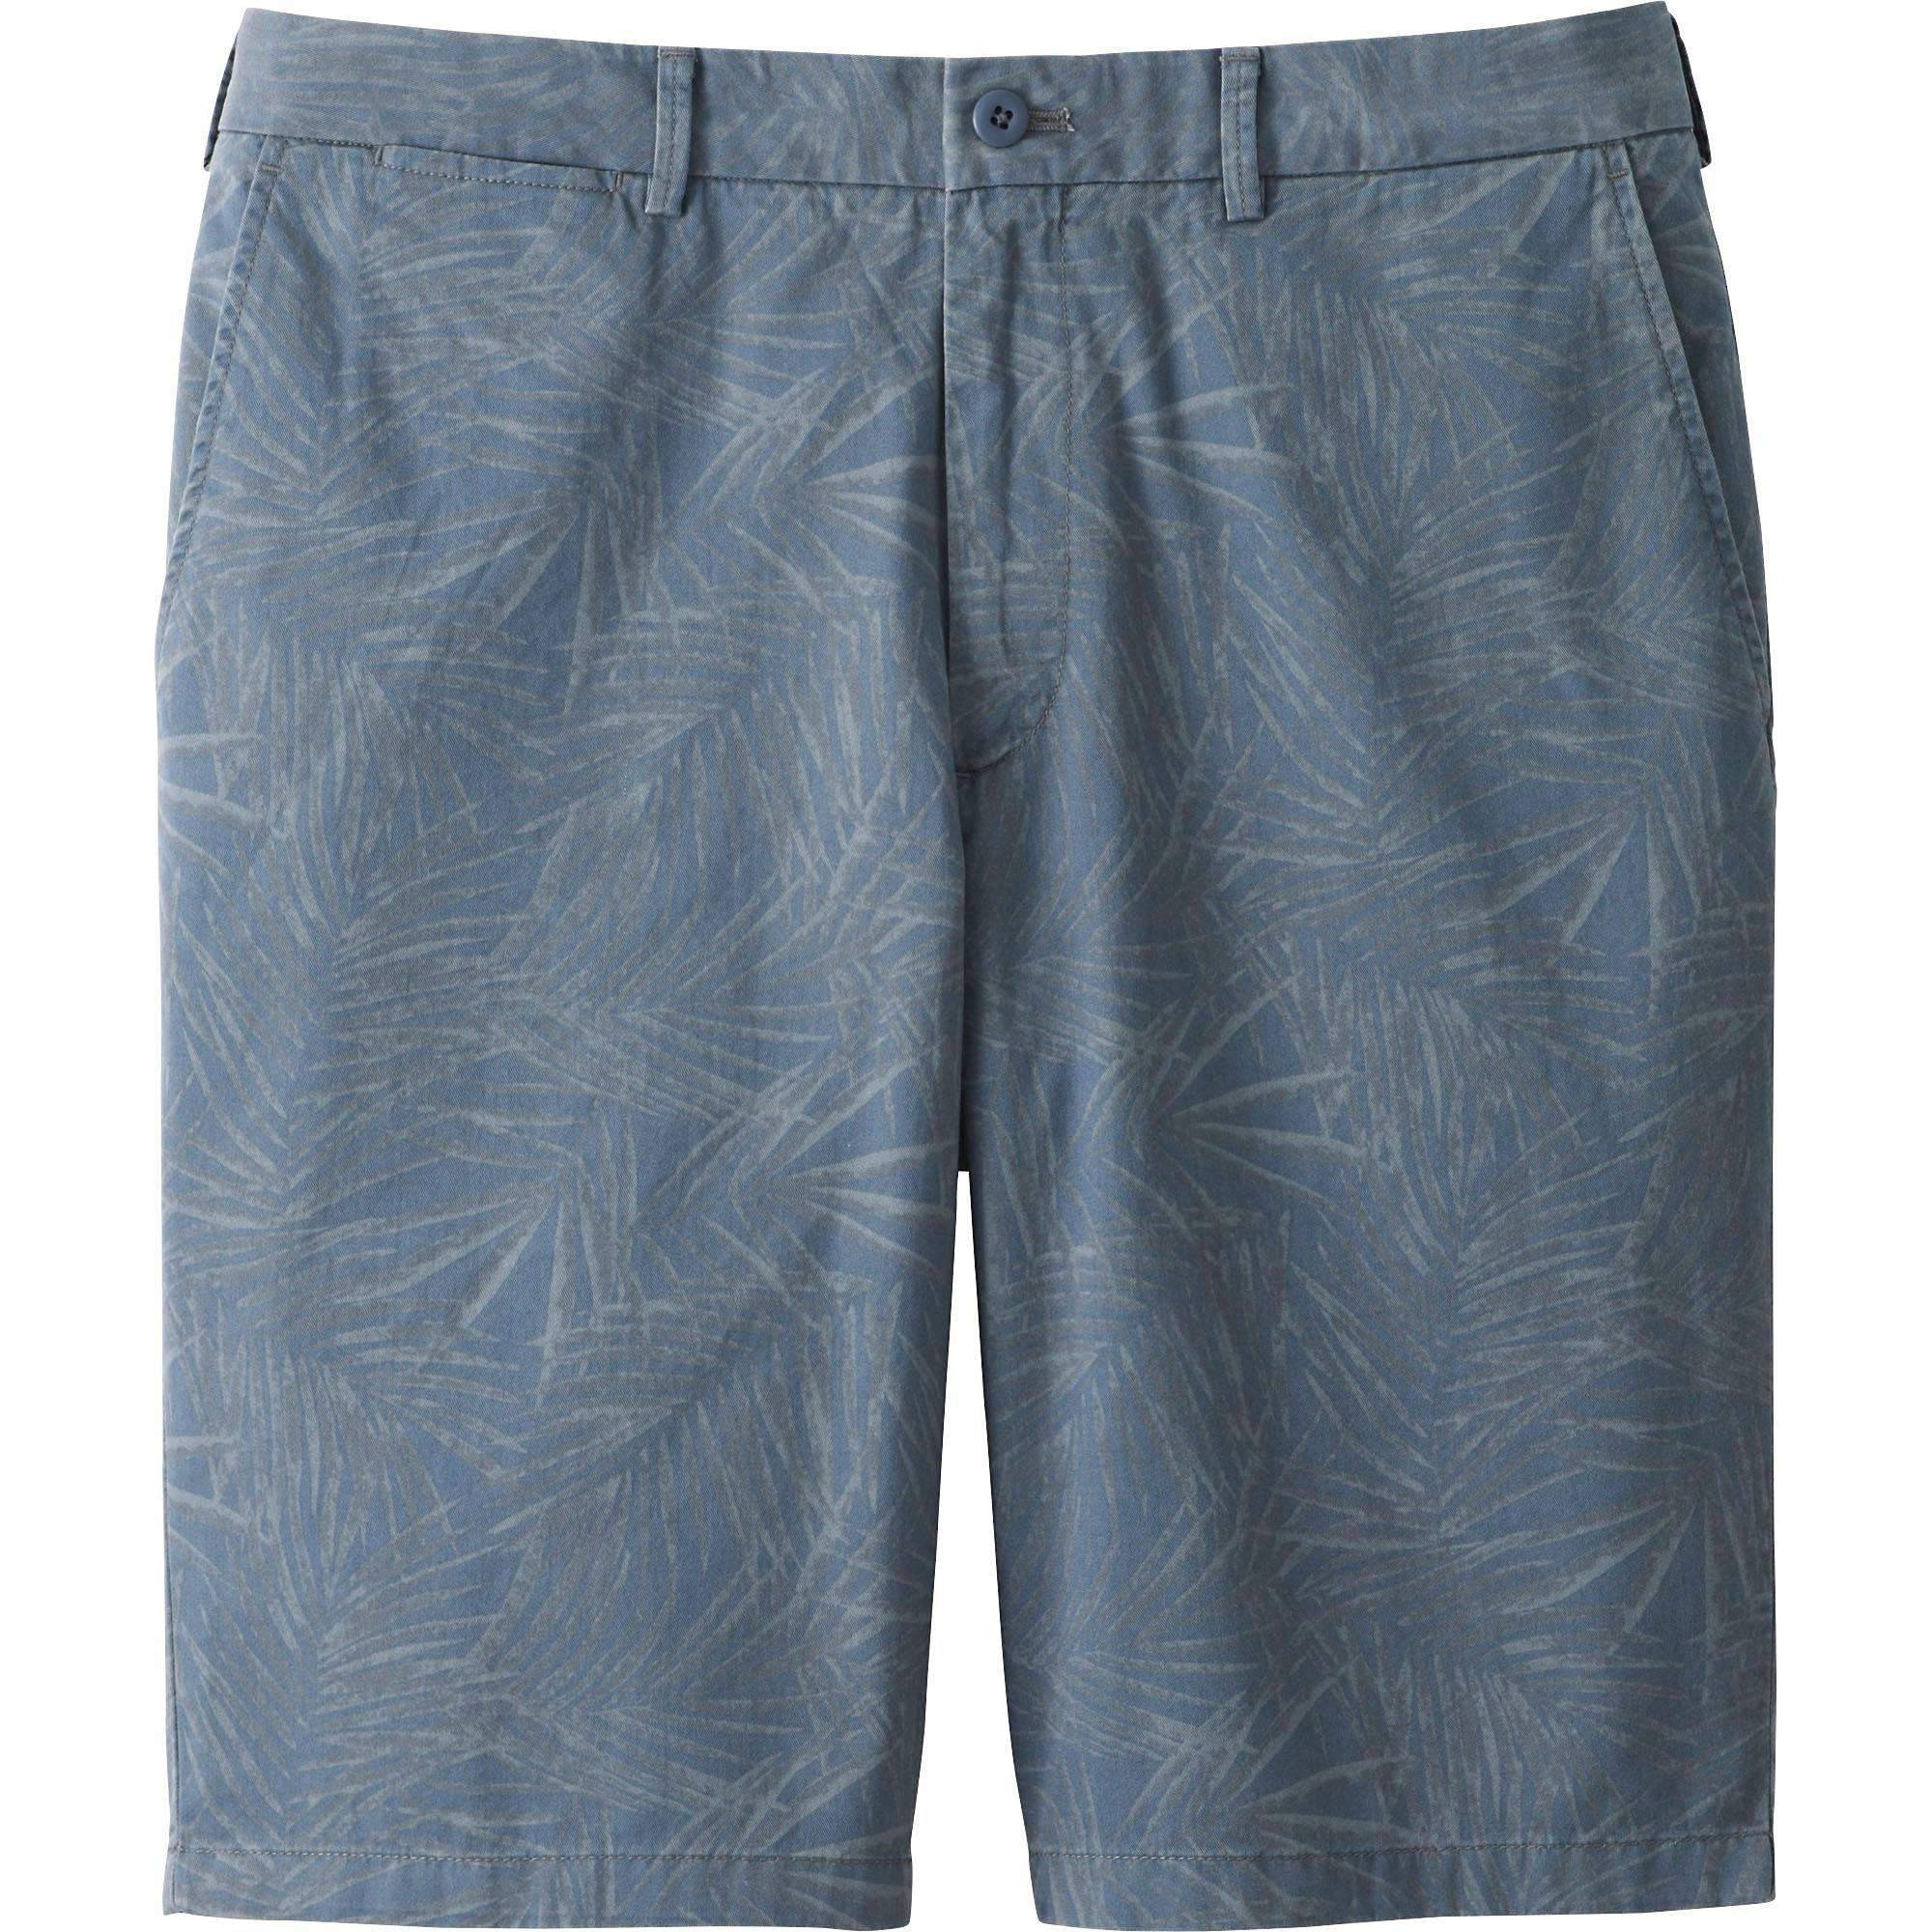 Mens Patterned Shorts - The Else